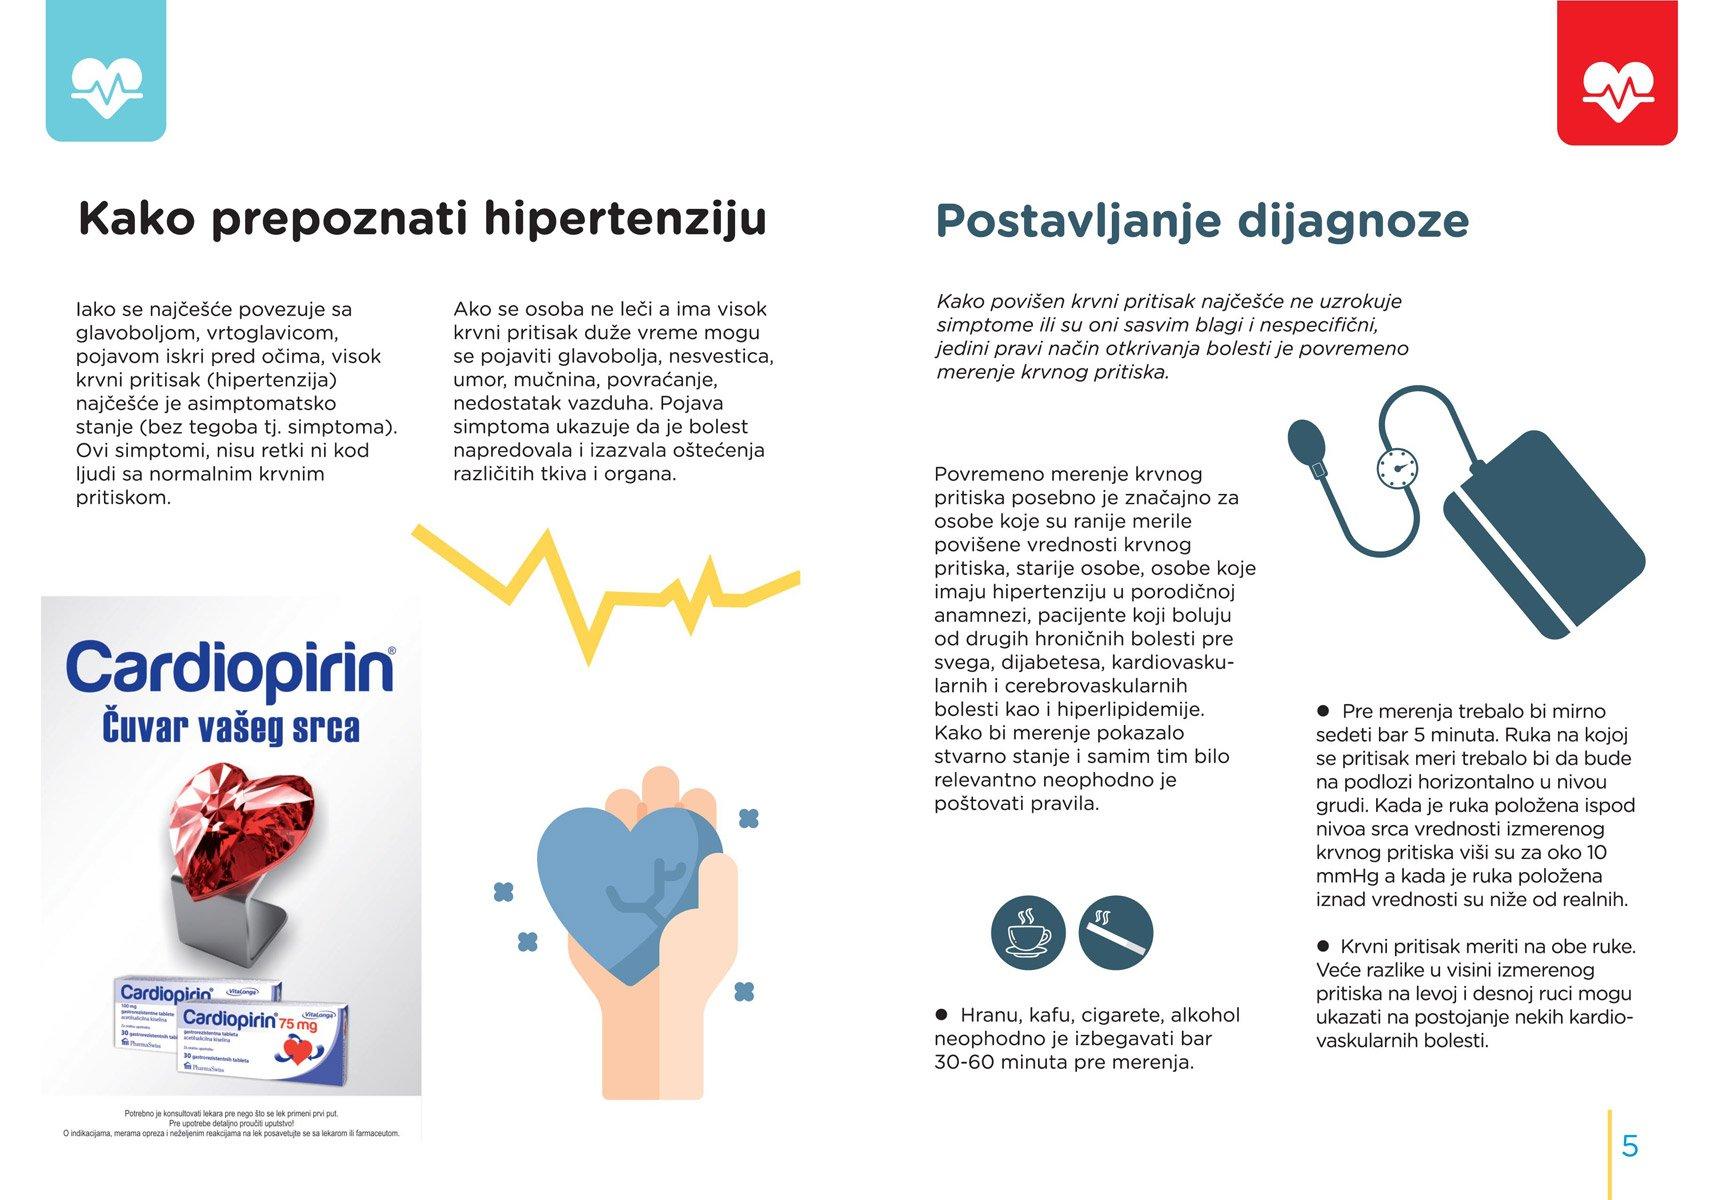 hipertenzija je bolest ili ne)